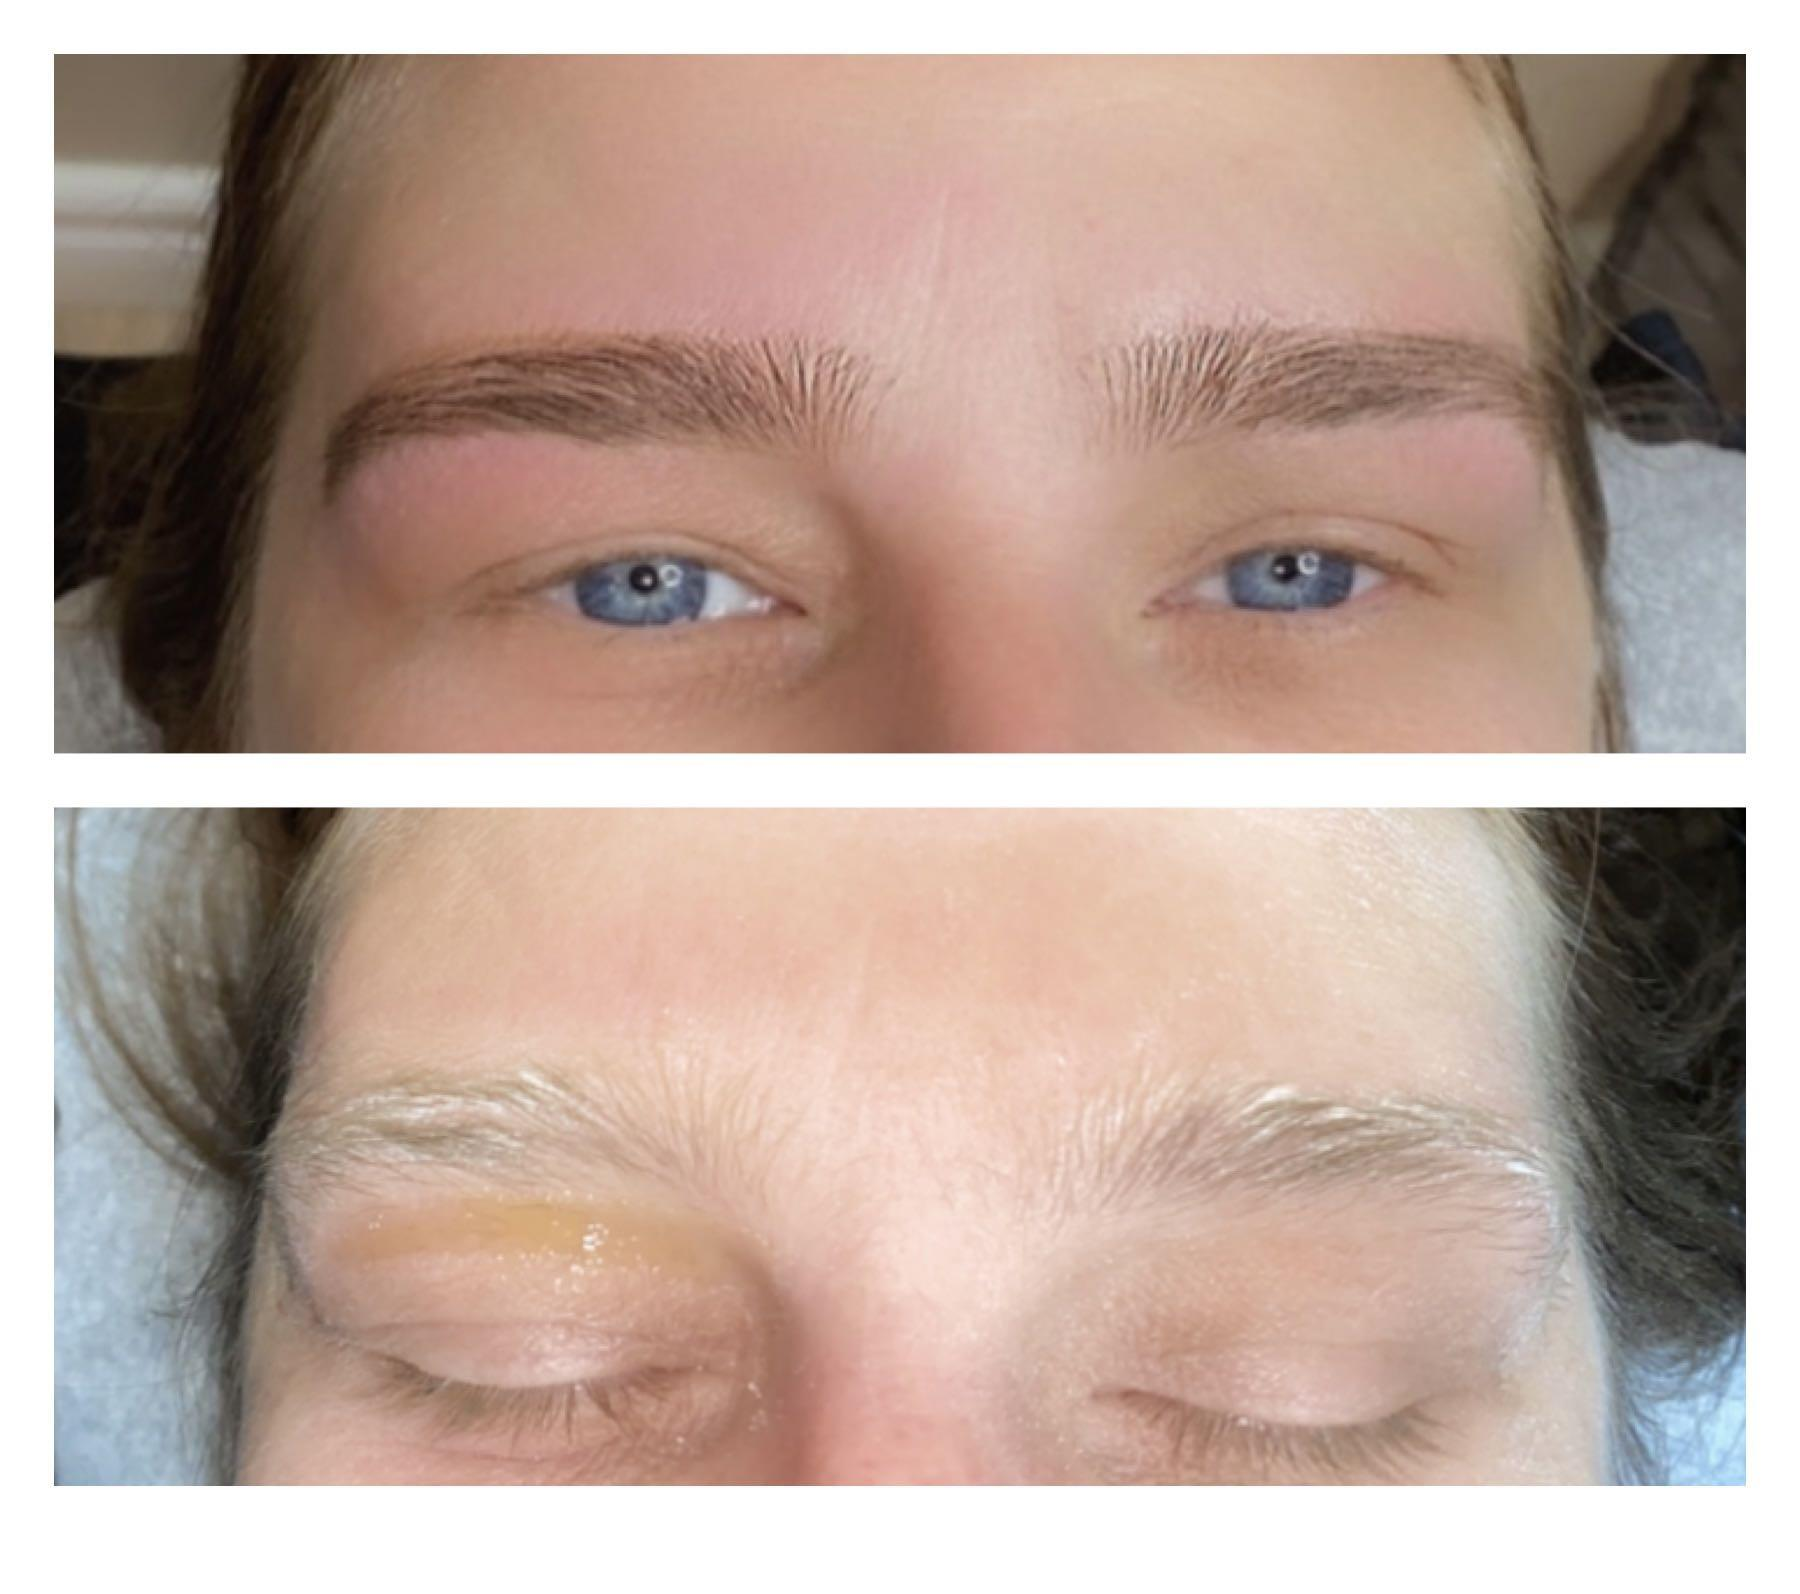 Eyebrow Models Needed!